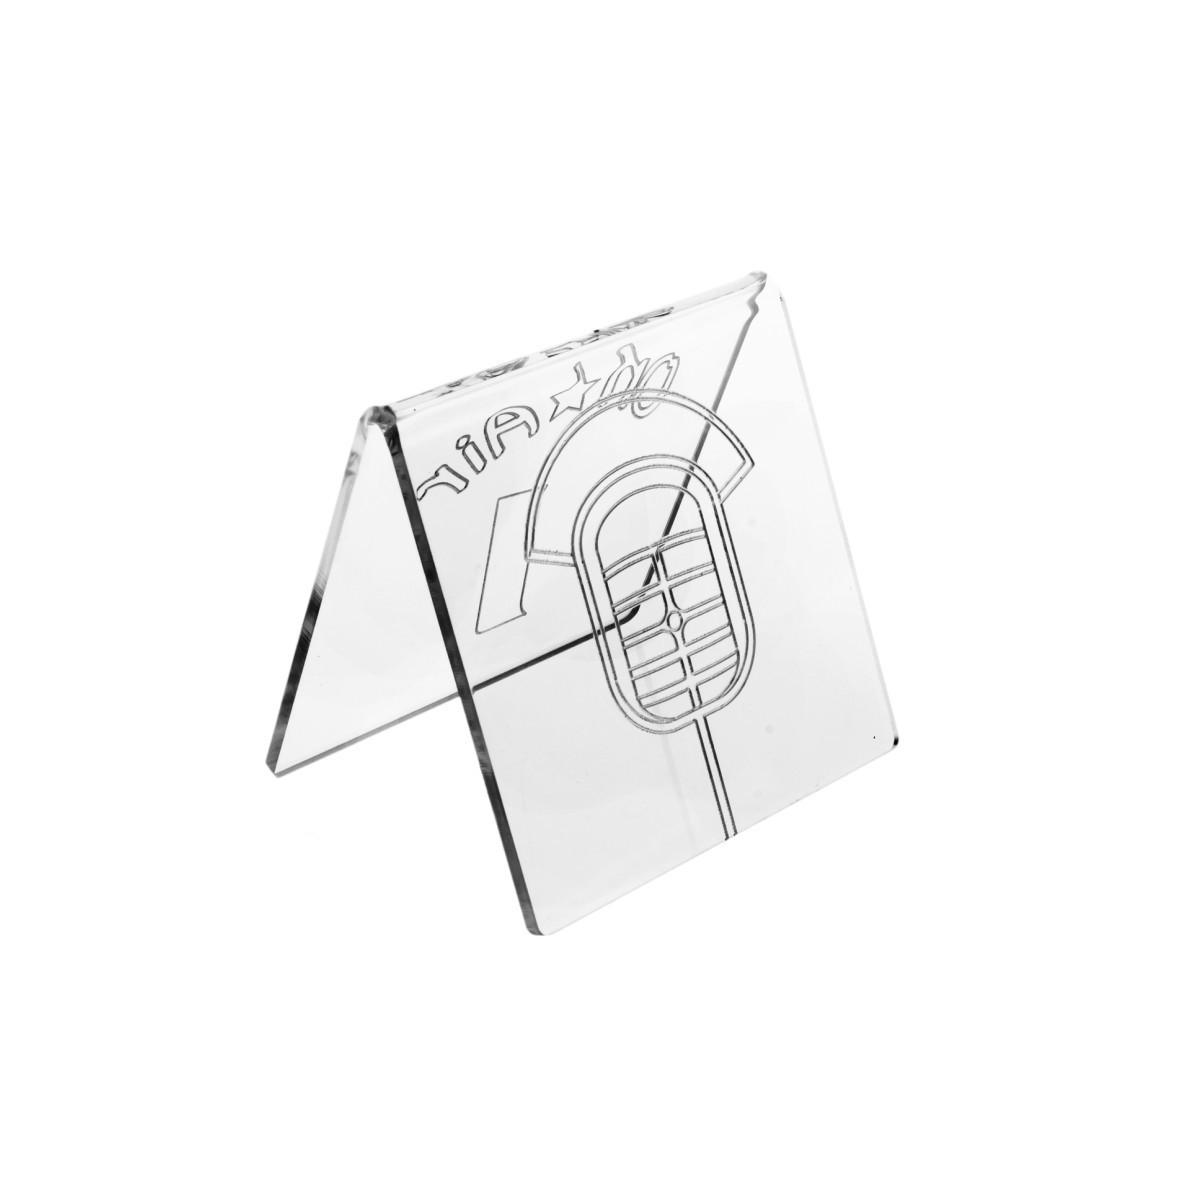 E-041 NT-C - Segnaposti in plexiglass trasparente - Misure: 8x8x H8 cm - incisione contorno